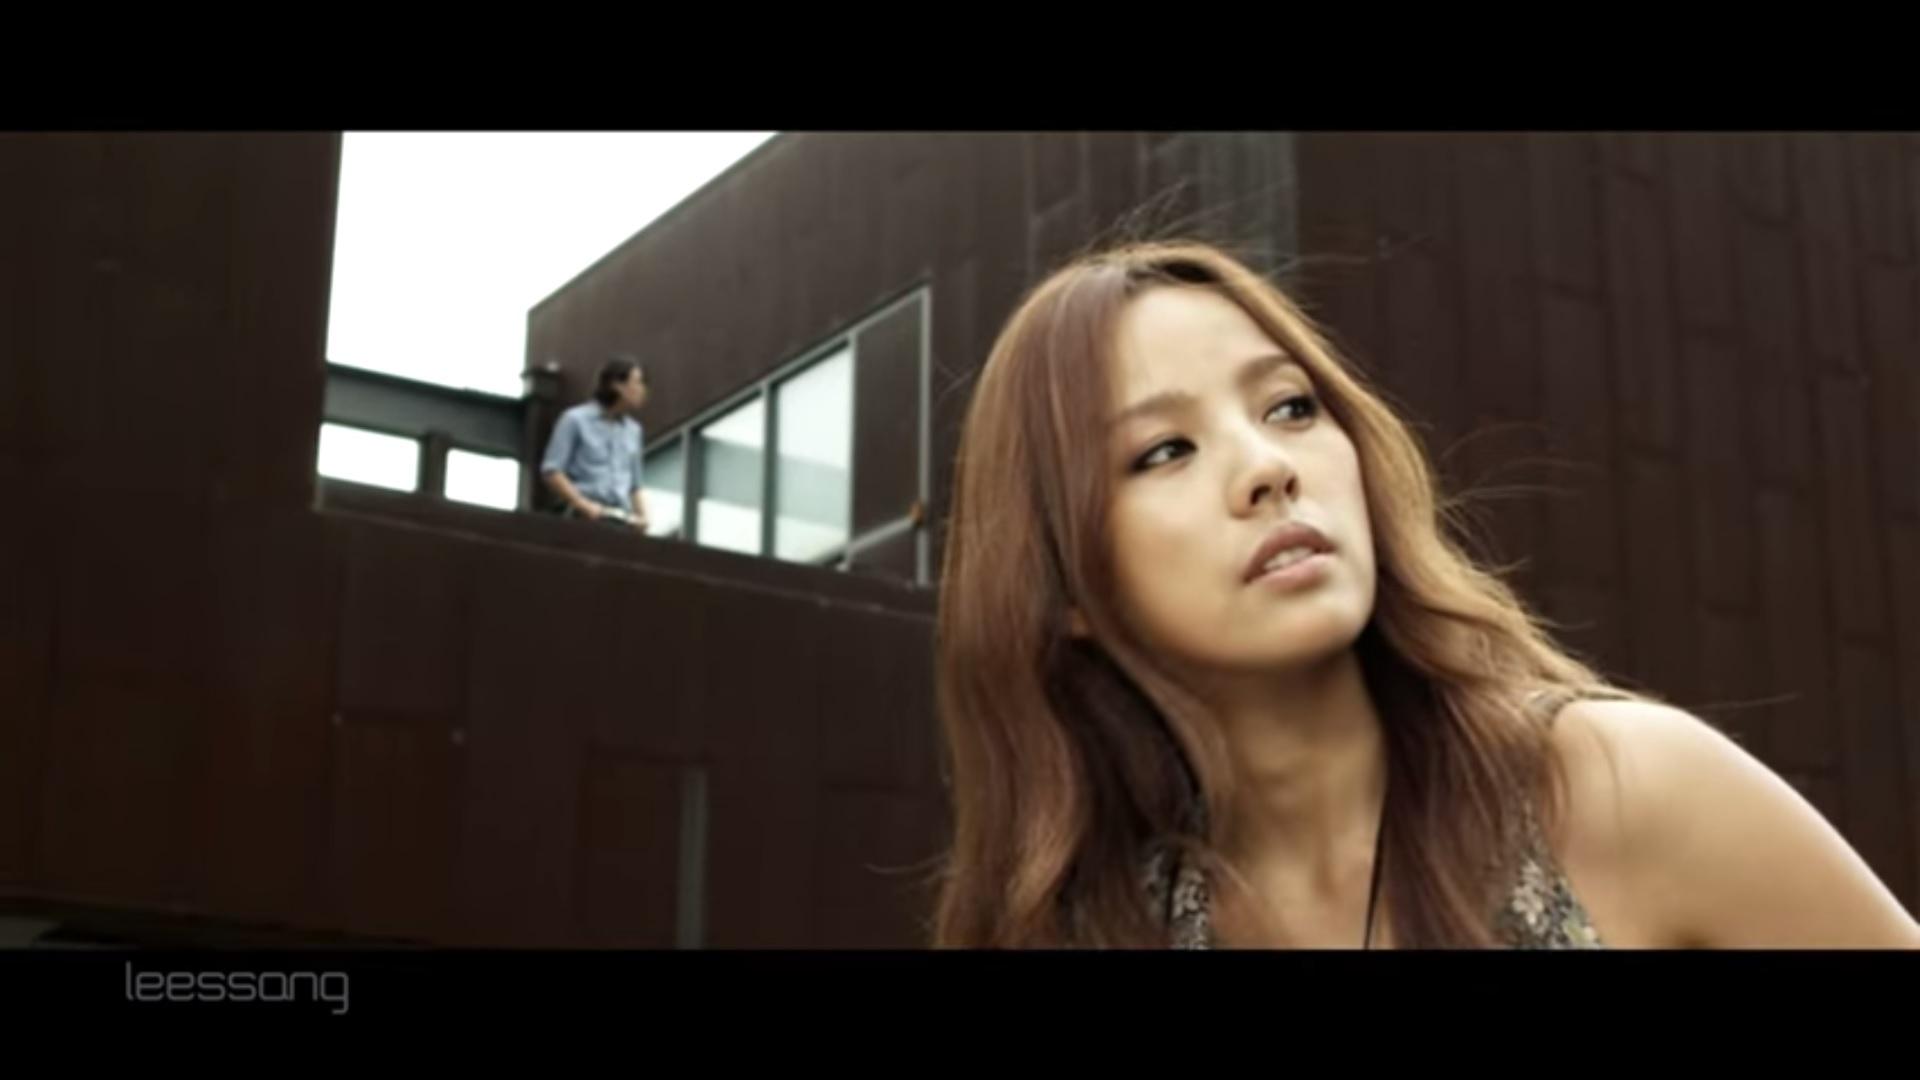 小編覺得最經典的就是之前和LeeSSang合作的「不能分手的女人不能離開的男人」